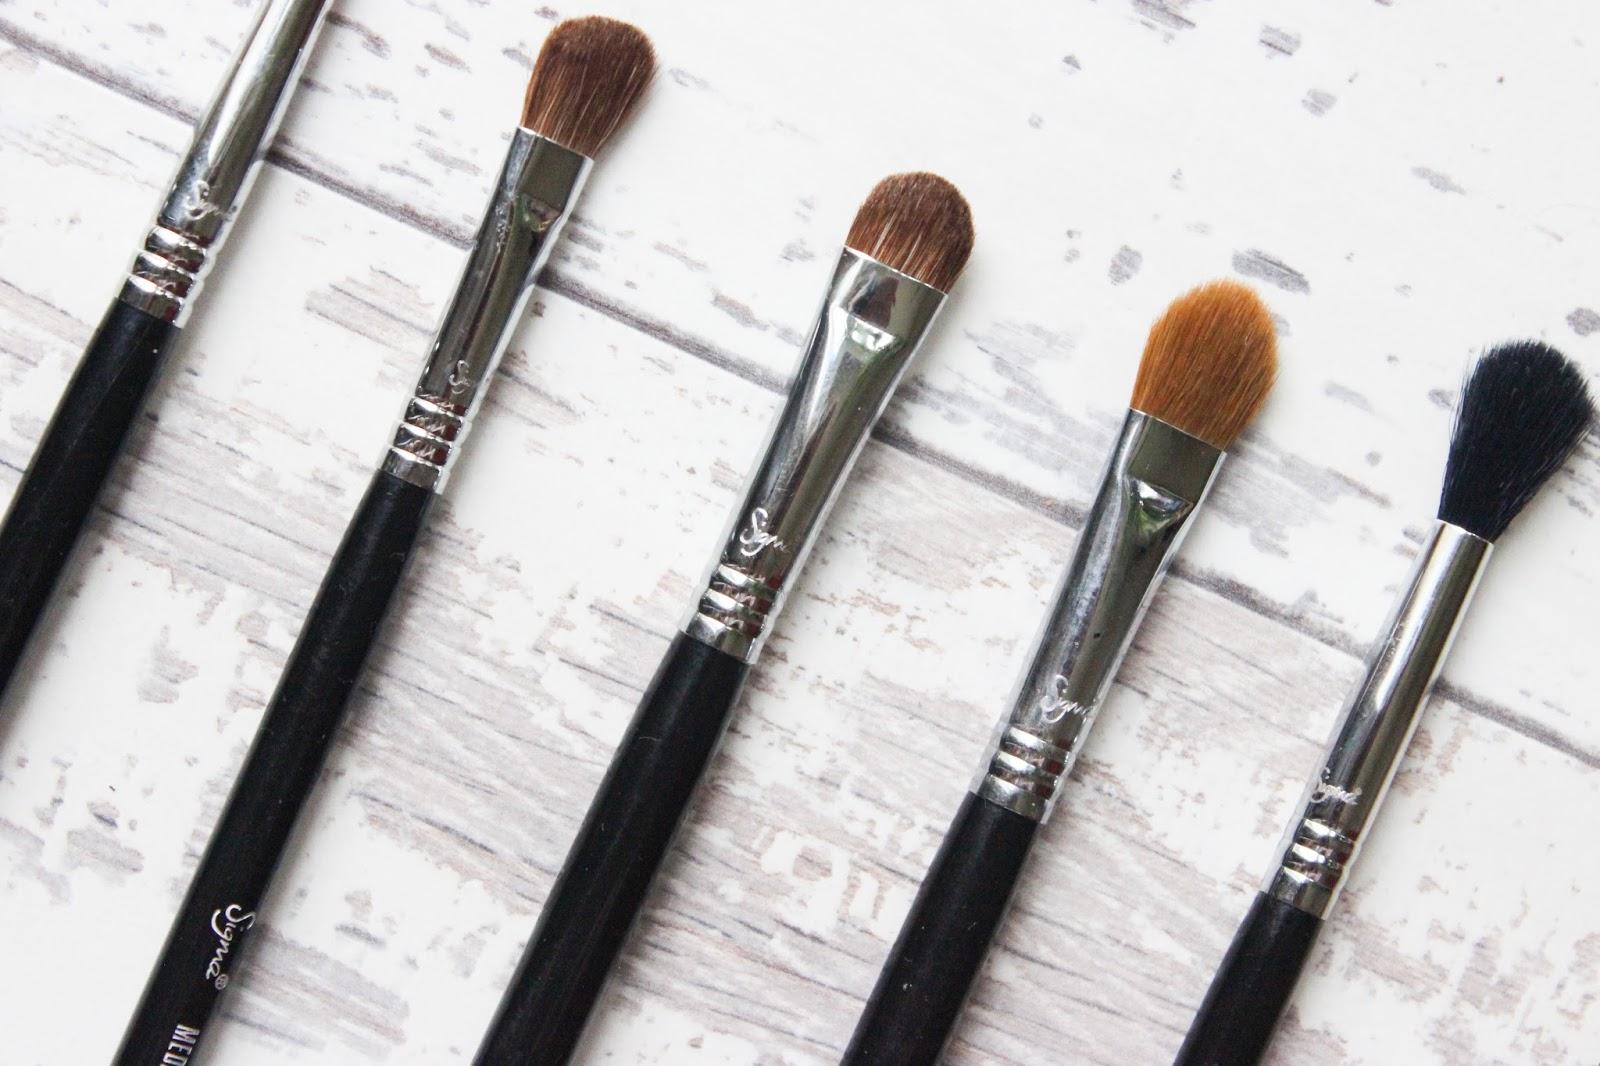 Sigma Brushes Sigma Beauty Basic Eyes Kit Review